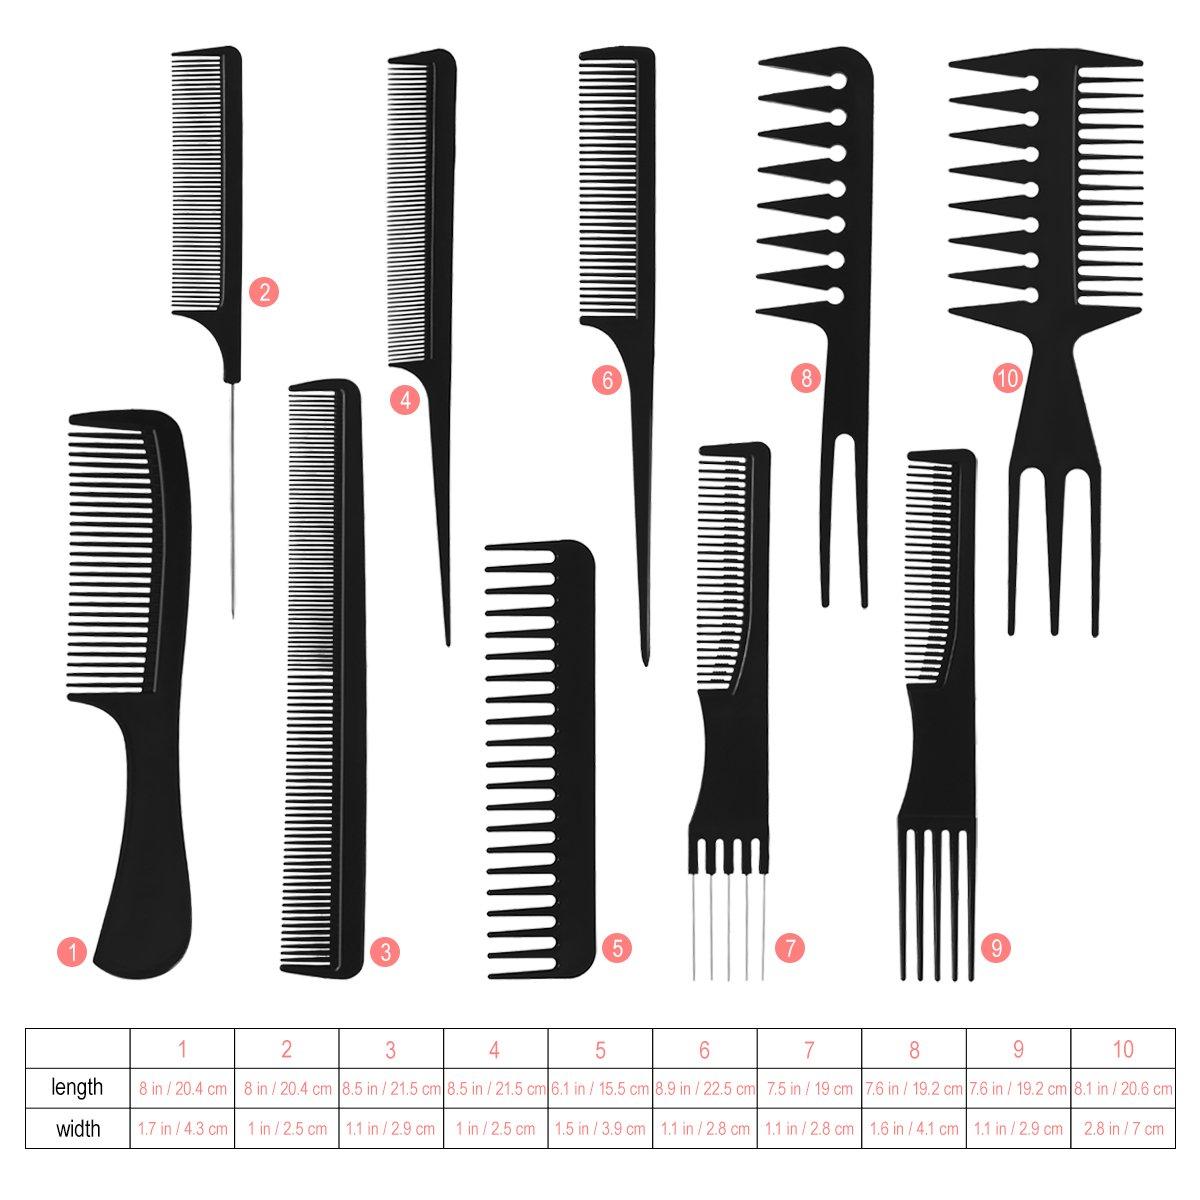 Frcolor 10pcs pettini di styling dei capelli antistatici professionali, accessori multifunzionali del parrucchiere messi corredo di strumenti dell'acconciatura